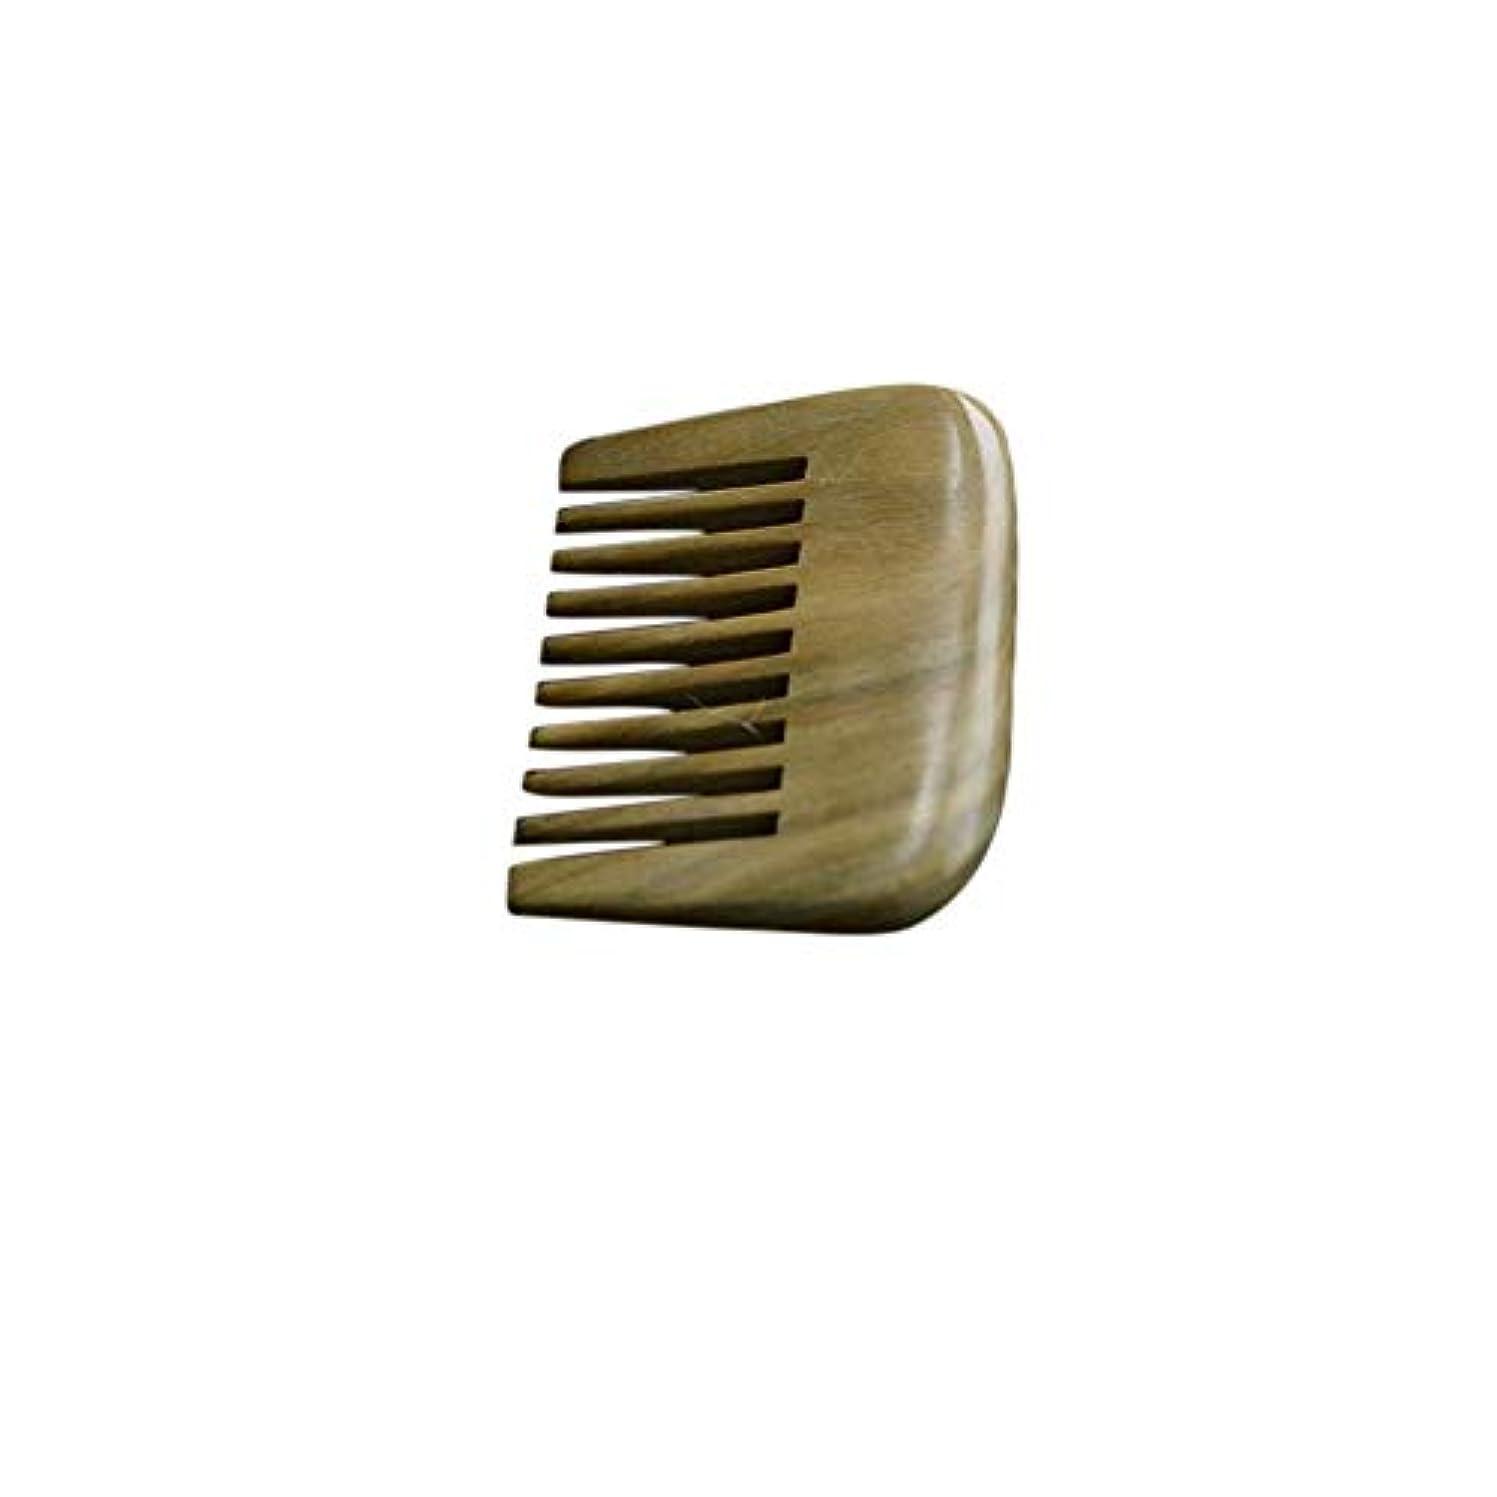 可塑性けん引役員WASAIO グリーンサンダルウッドワイド歯ナチュラルくし、カーリーストレートヘアブラシブラシ手作りの木製抗静的木製くしヘアブラシ